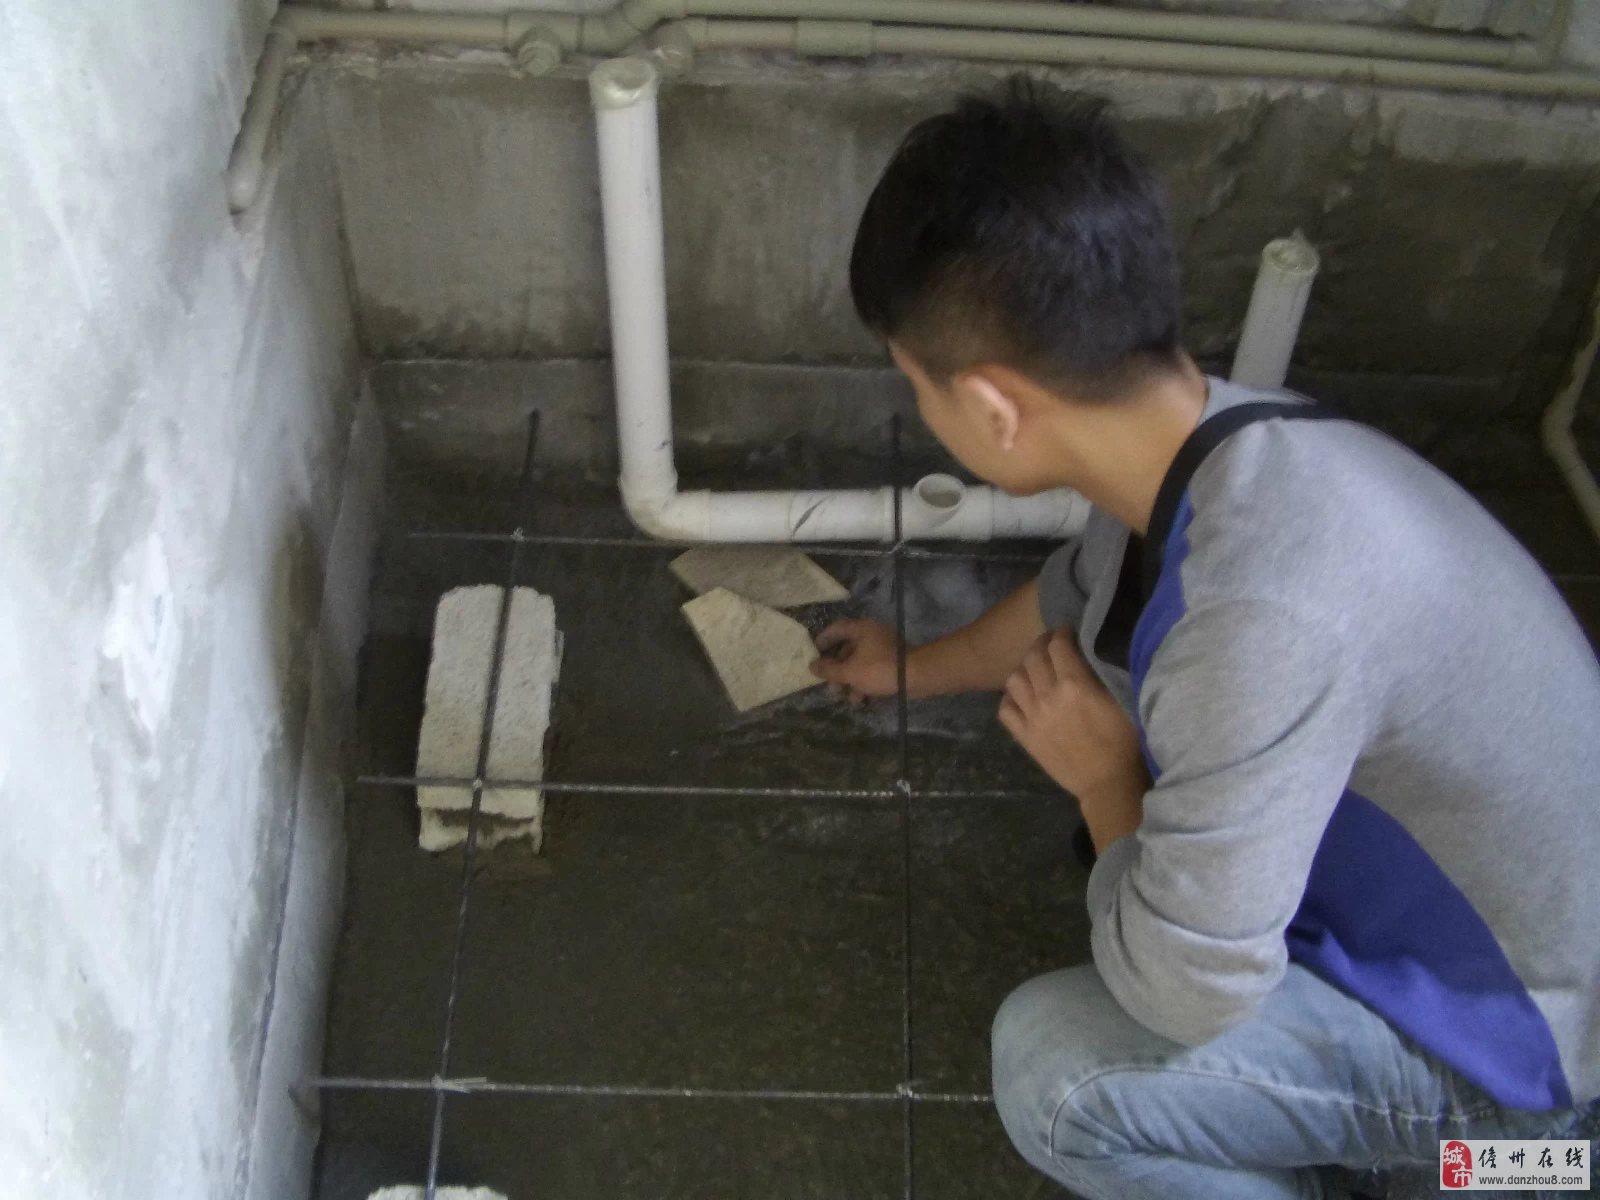 蓝盛工程示:沉箱式卫生间防水如何更科学的施工工艺